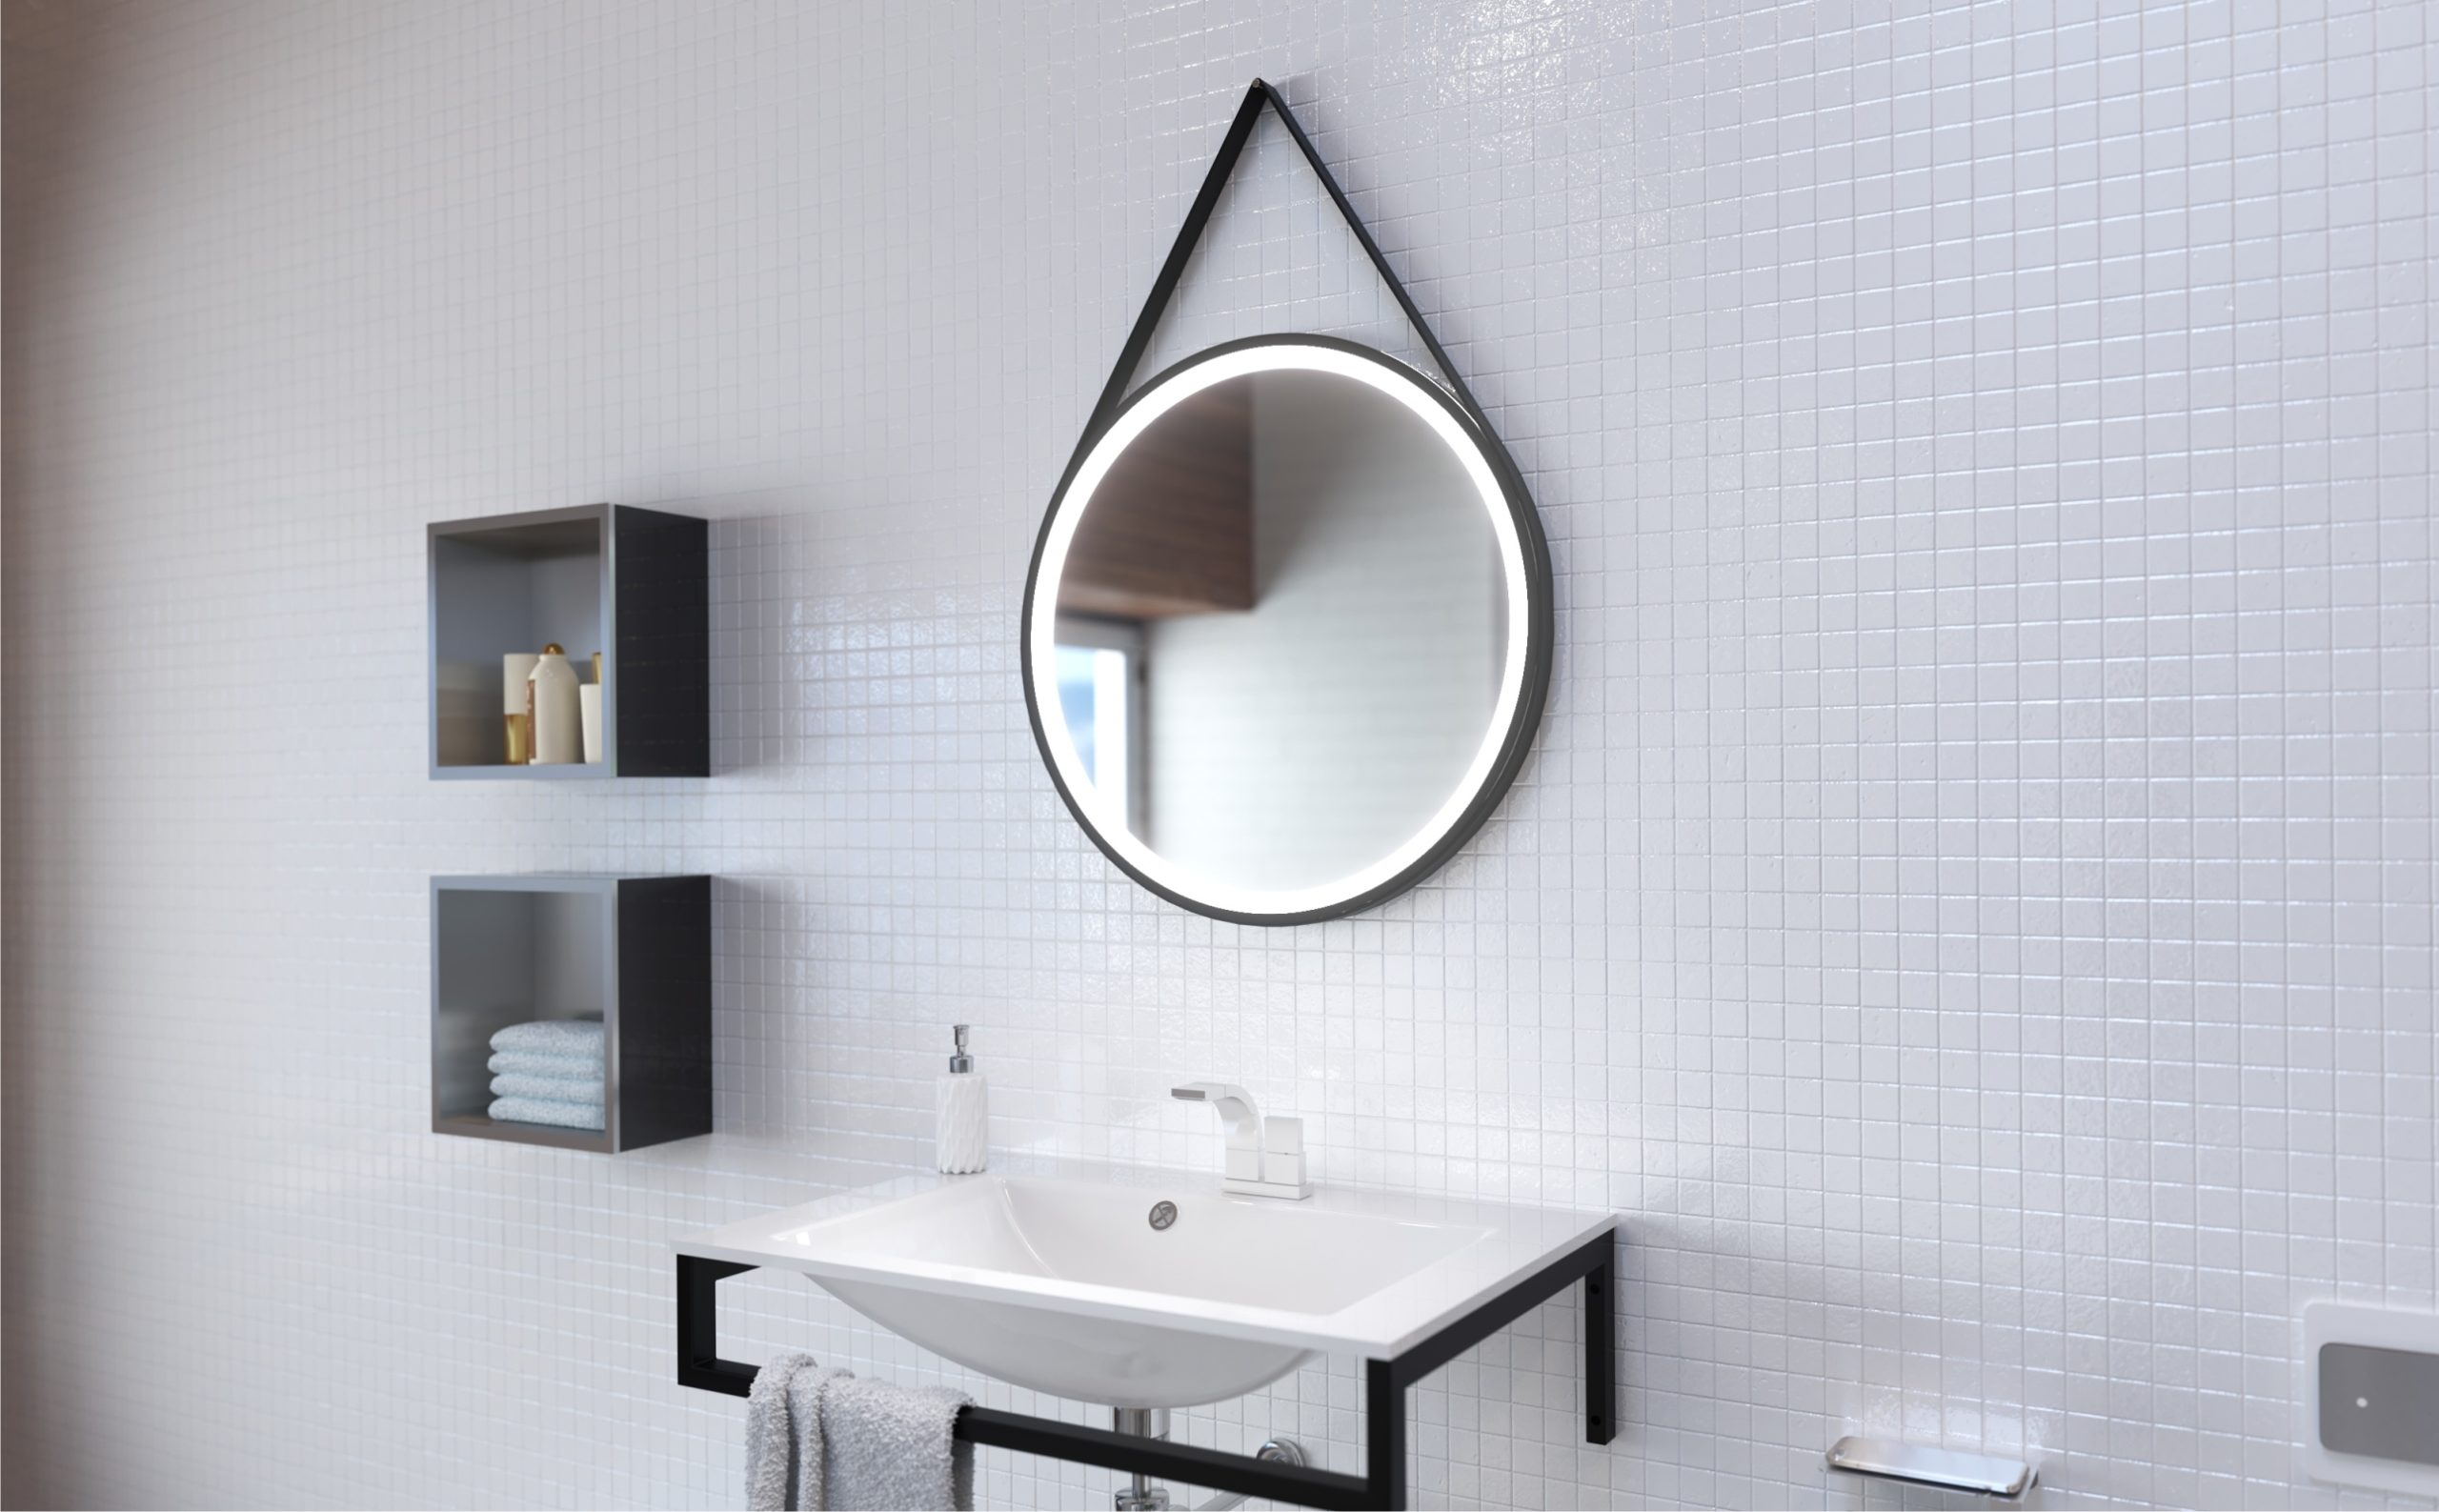 Miroir salle de bains sols concept meyreuil